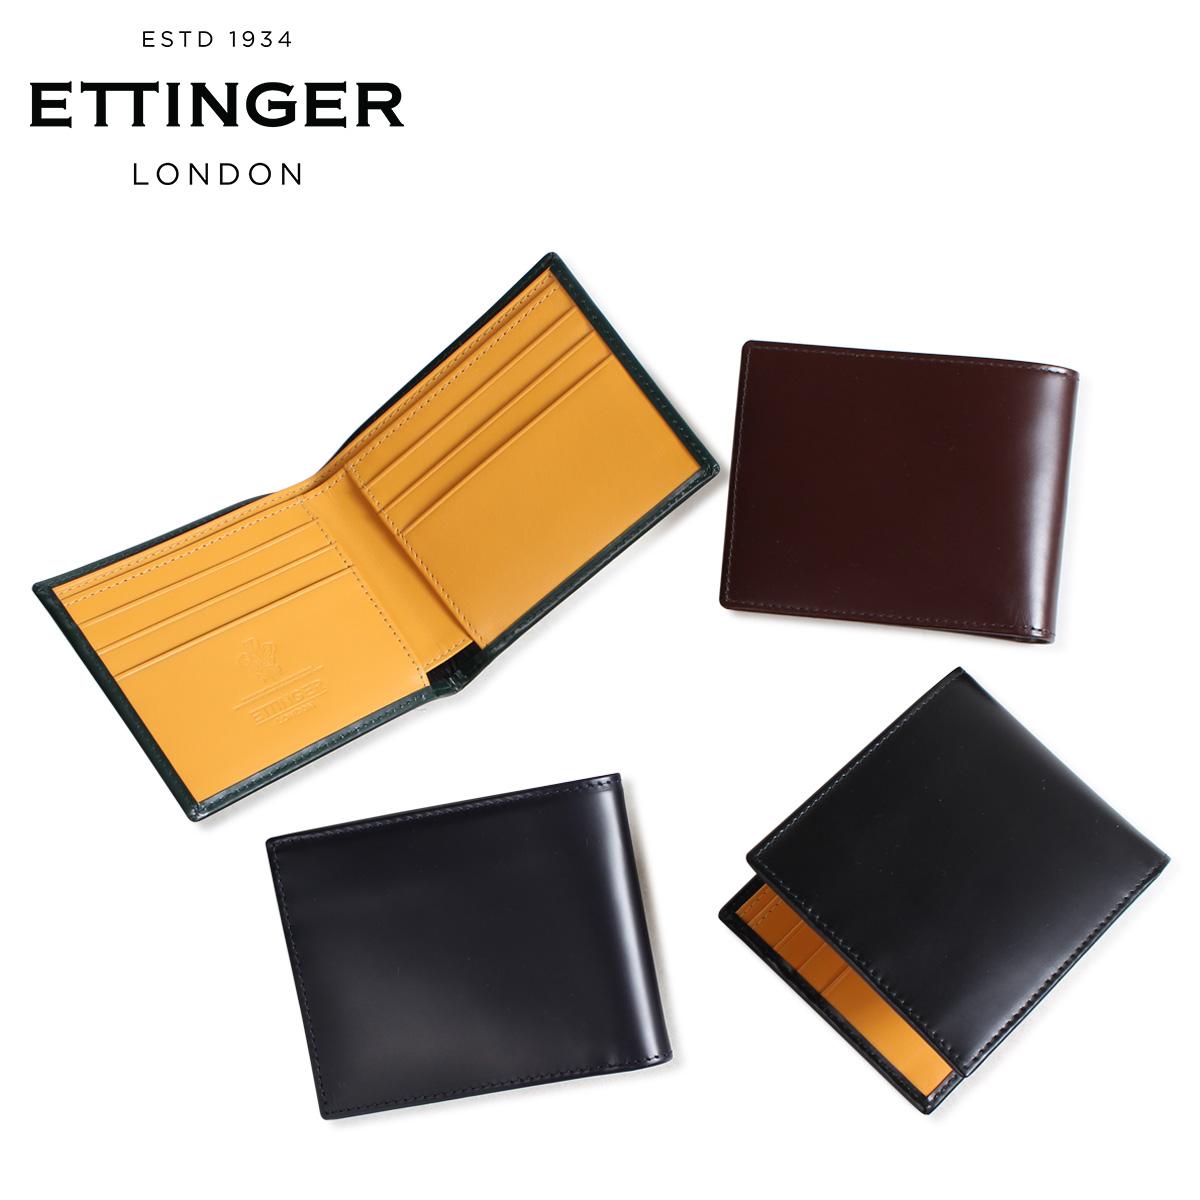 エッティンガー ETTINGER 財布 二つ折り メンズ レザー BILLFOLD WALLET WITH CARD CASE ブラック ネイビー ブラウン グリーン 黒 BH030 [3/18 新入荷]